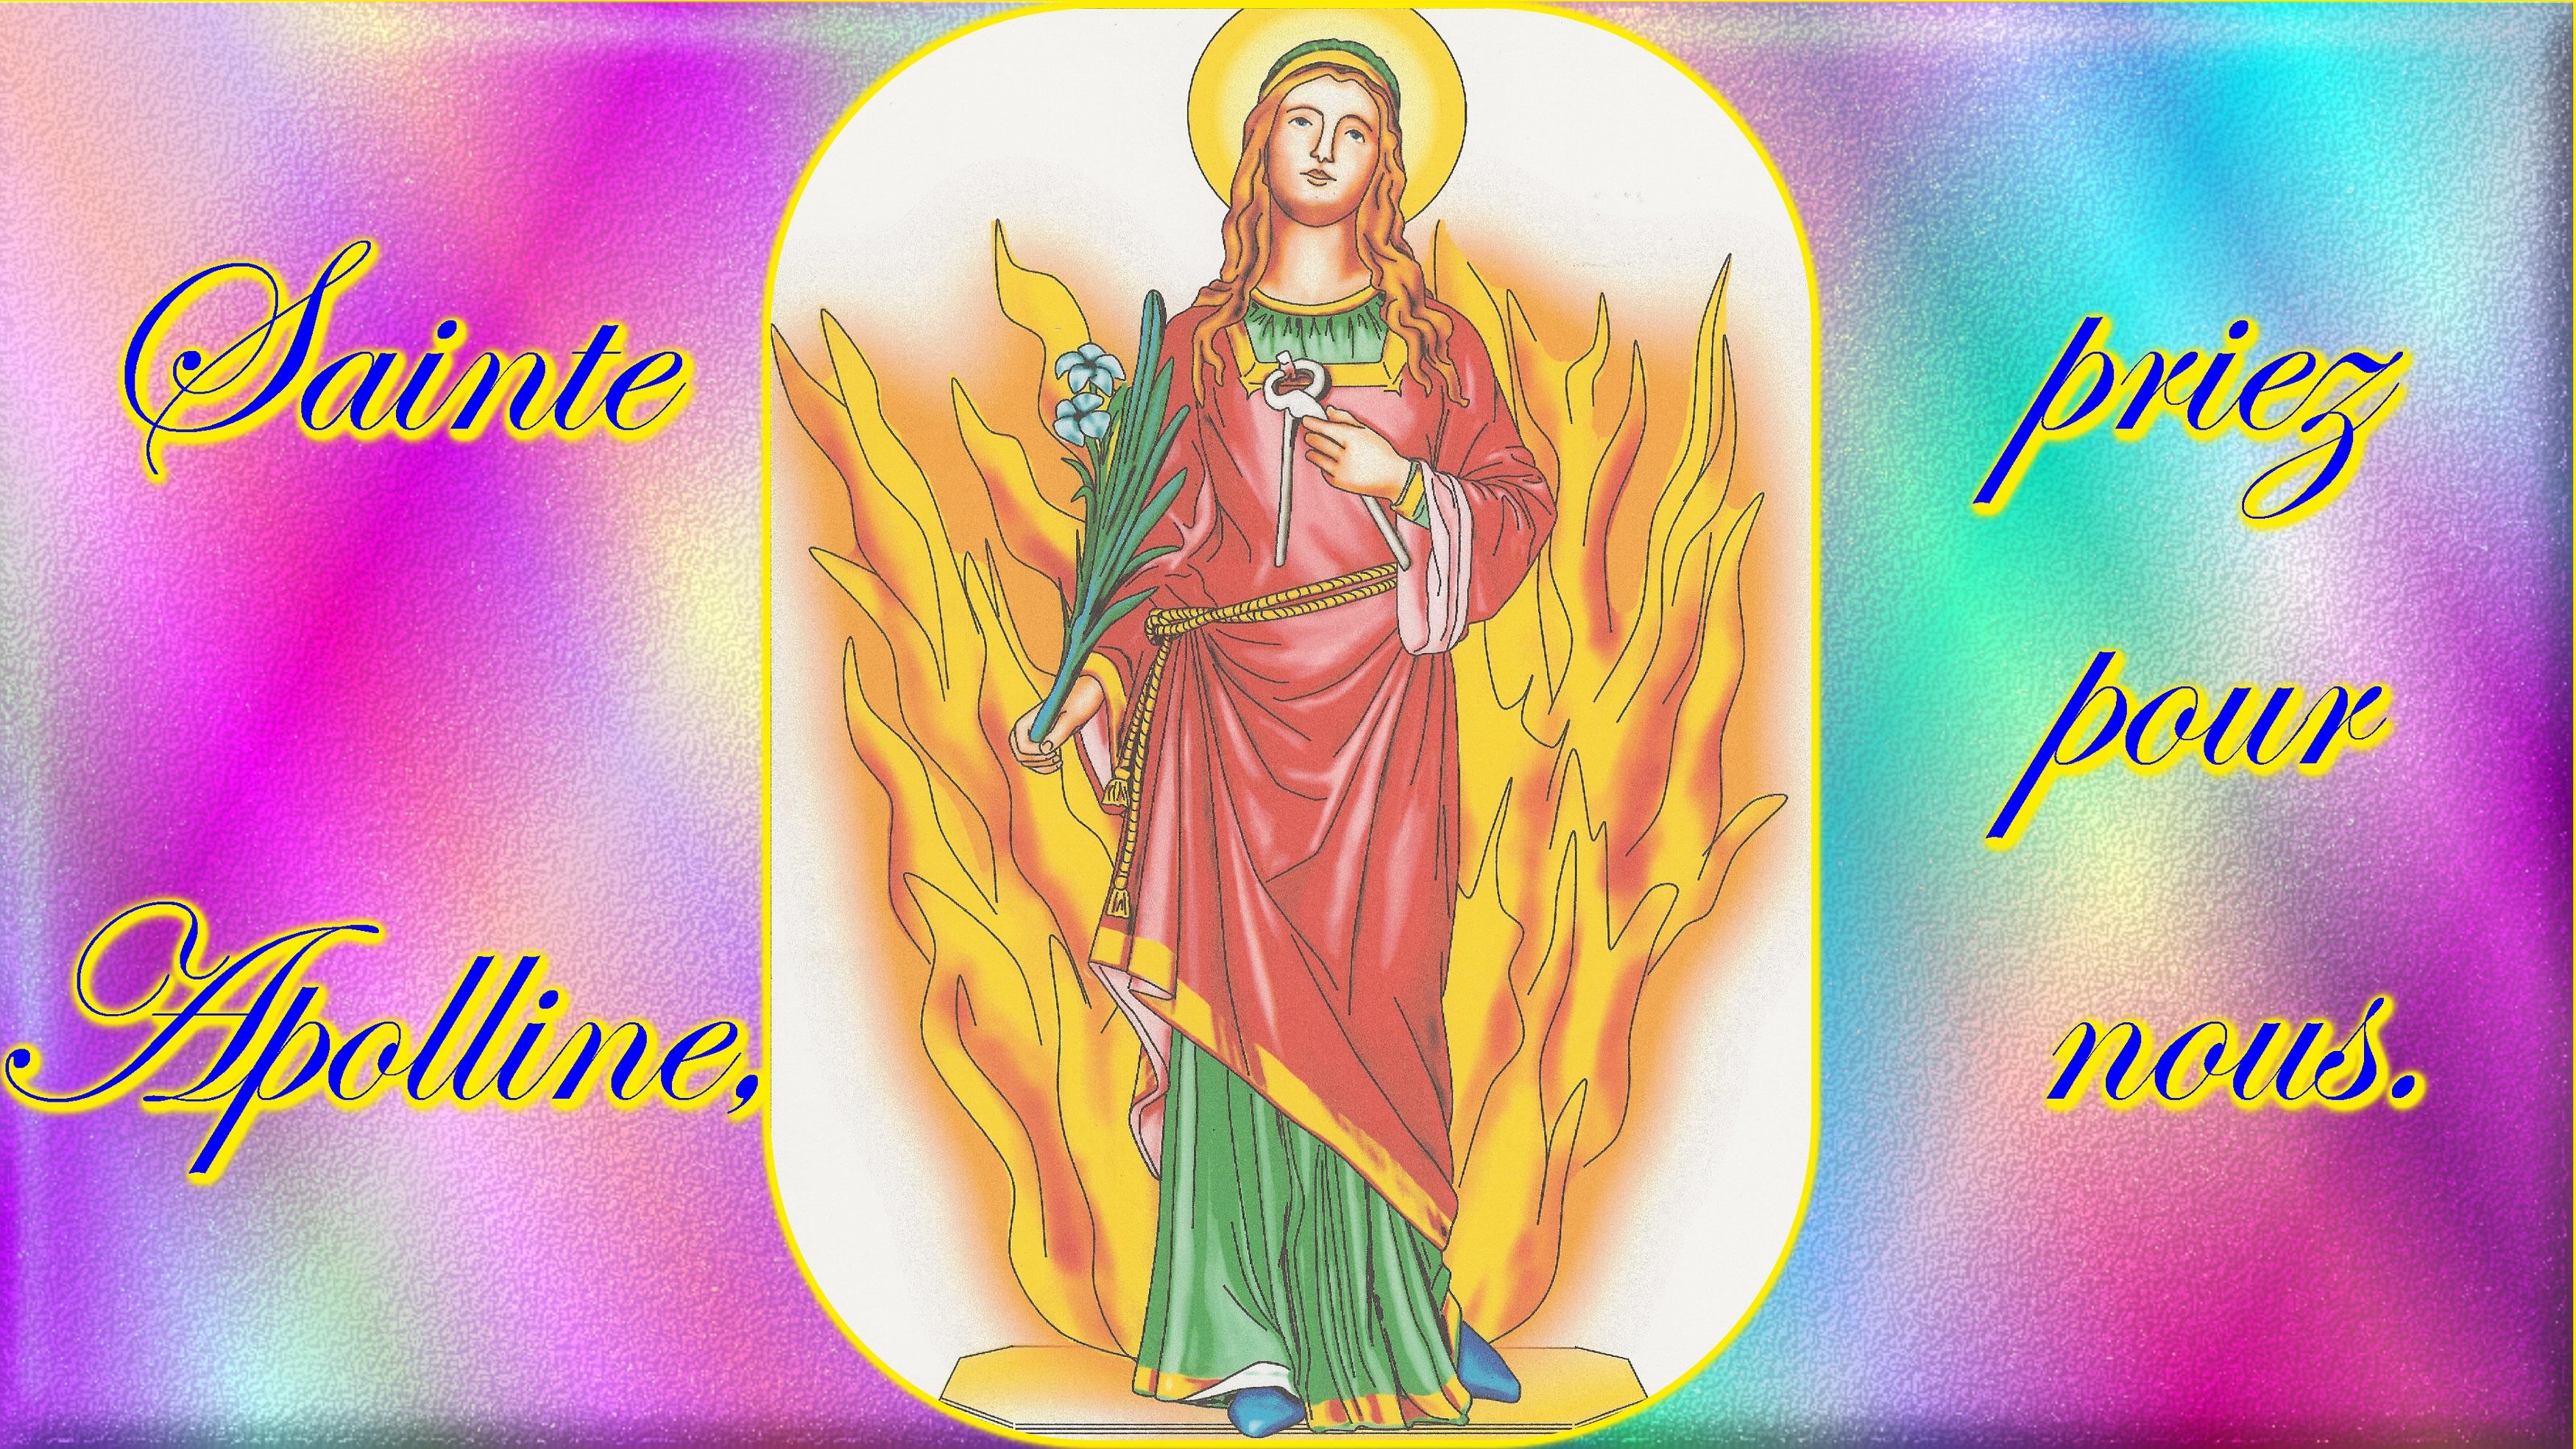 CALENDRIER CATHOLIQUE 2020 (Cantiques, Prières & Images) - Page 4 Ste-apolline-57084c7